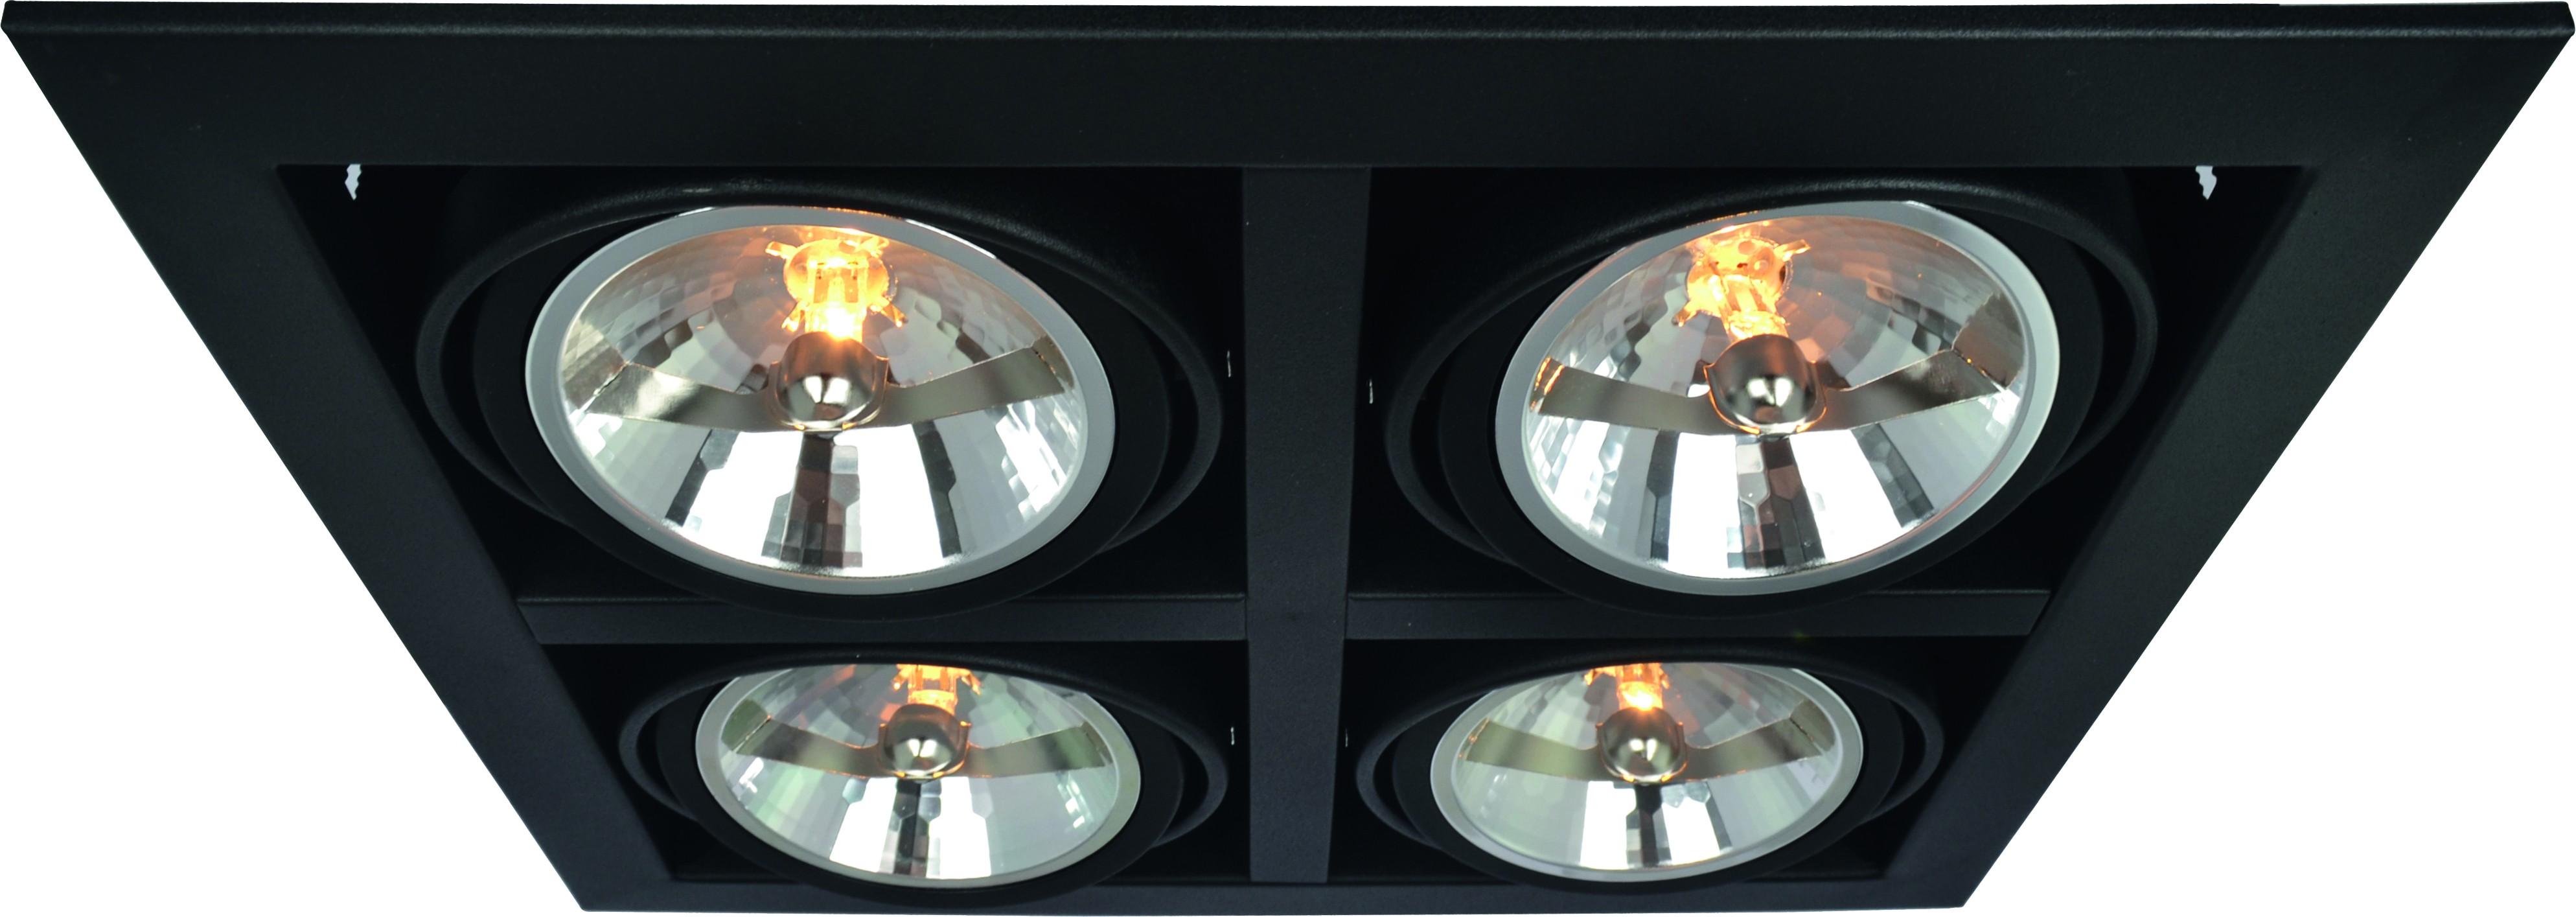 Светильник встраиваемый Arte lamp A5935pl-4bk встраиваемый спот точечный светильник arte lamp cardani a5935pl 4bk